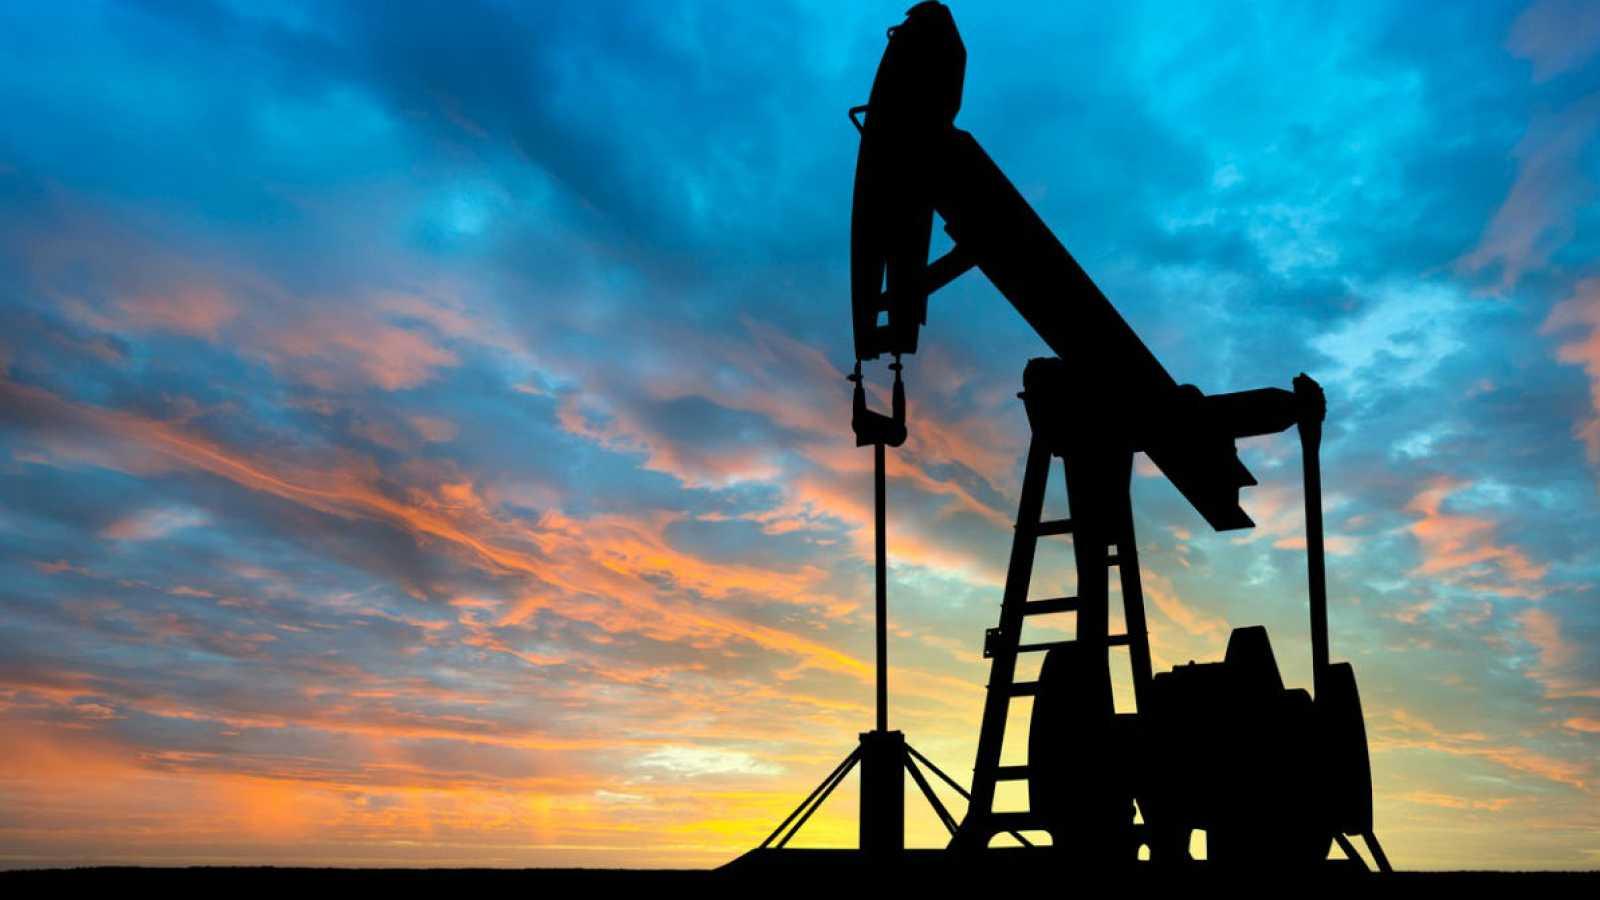 Futuro abierto - Fin del petróleo - 31/03/19 - escuchar ahora